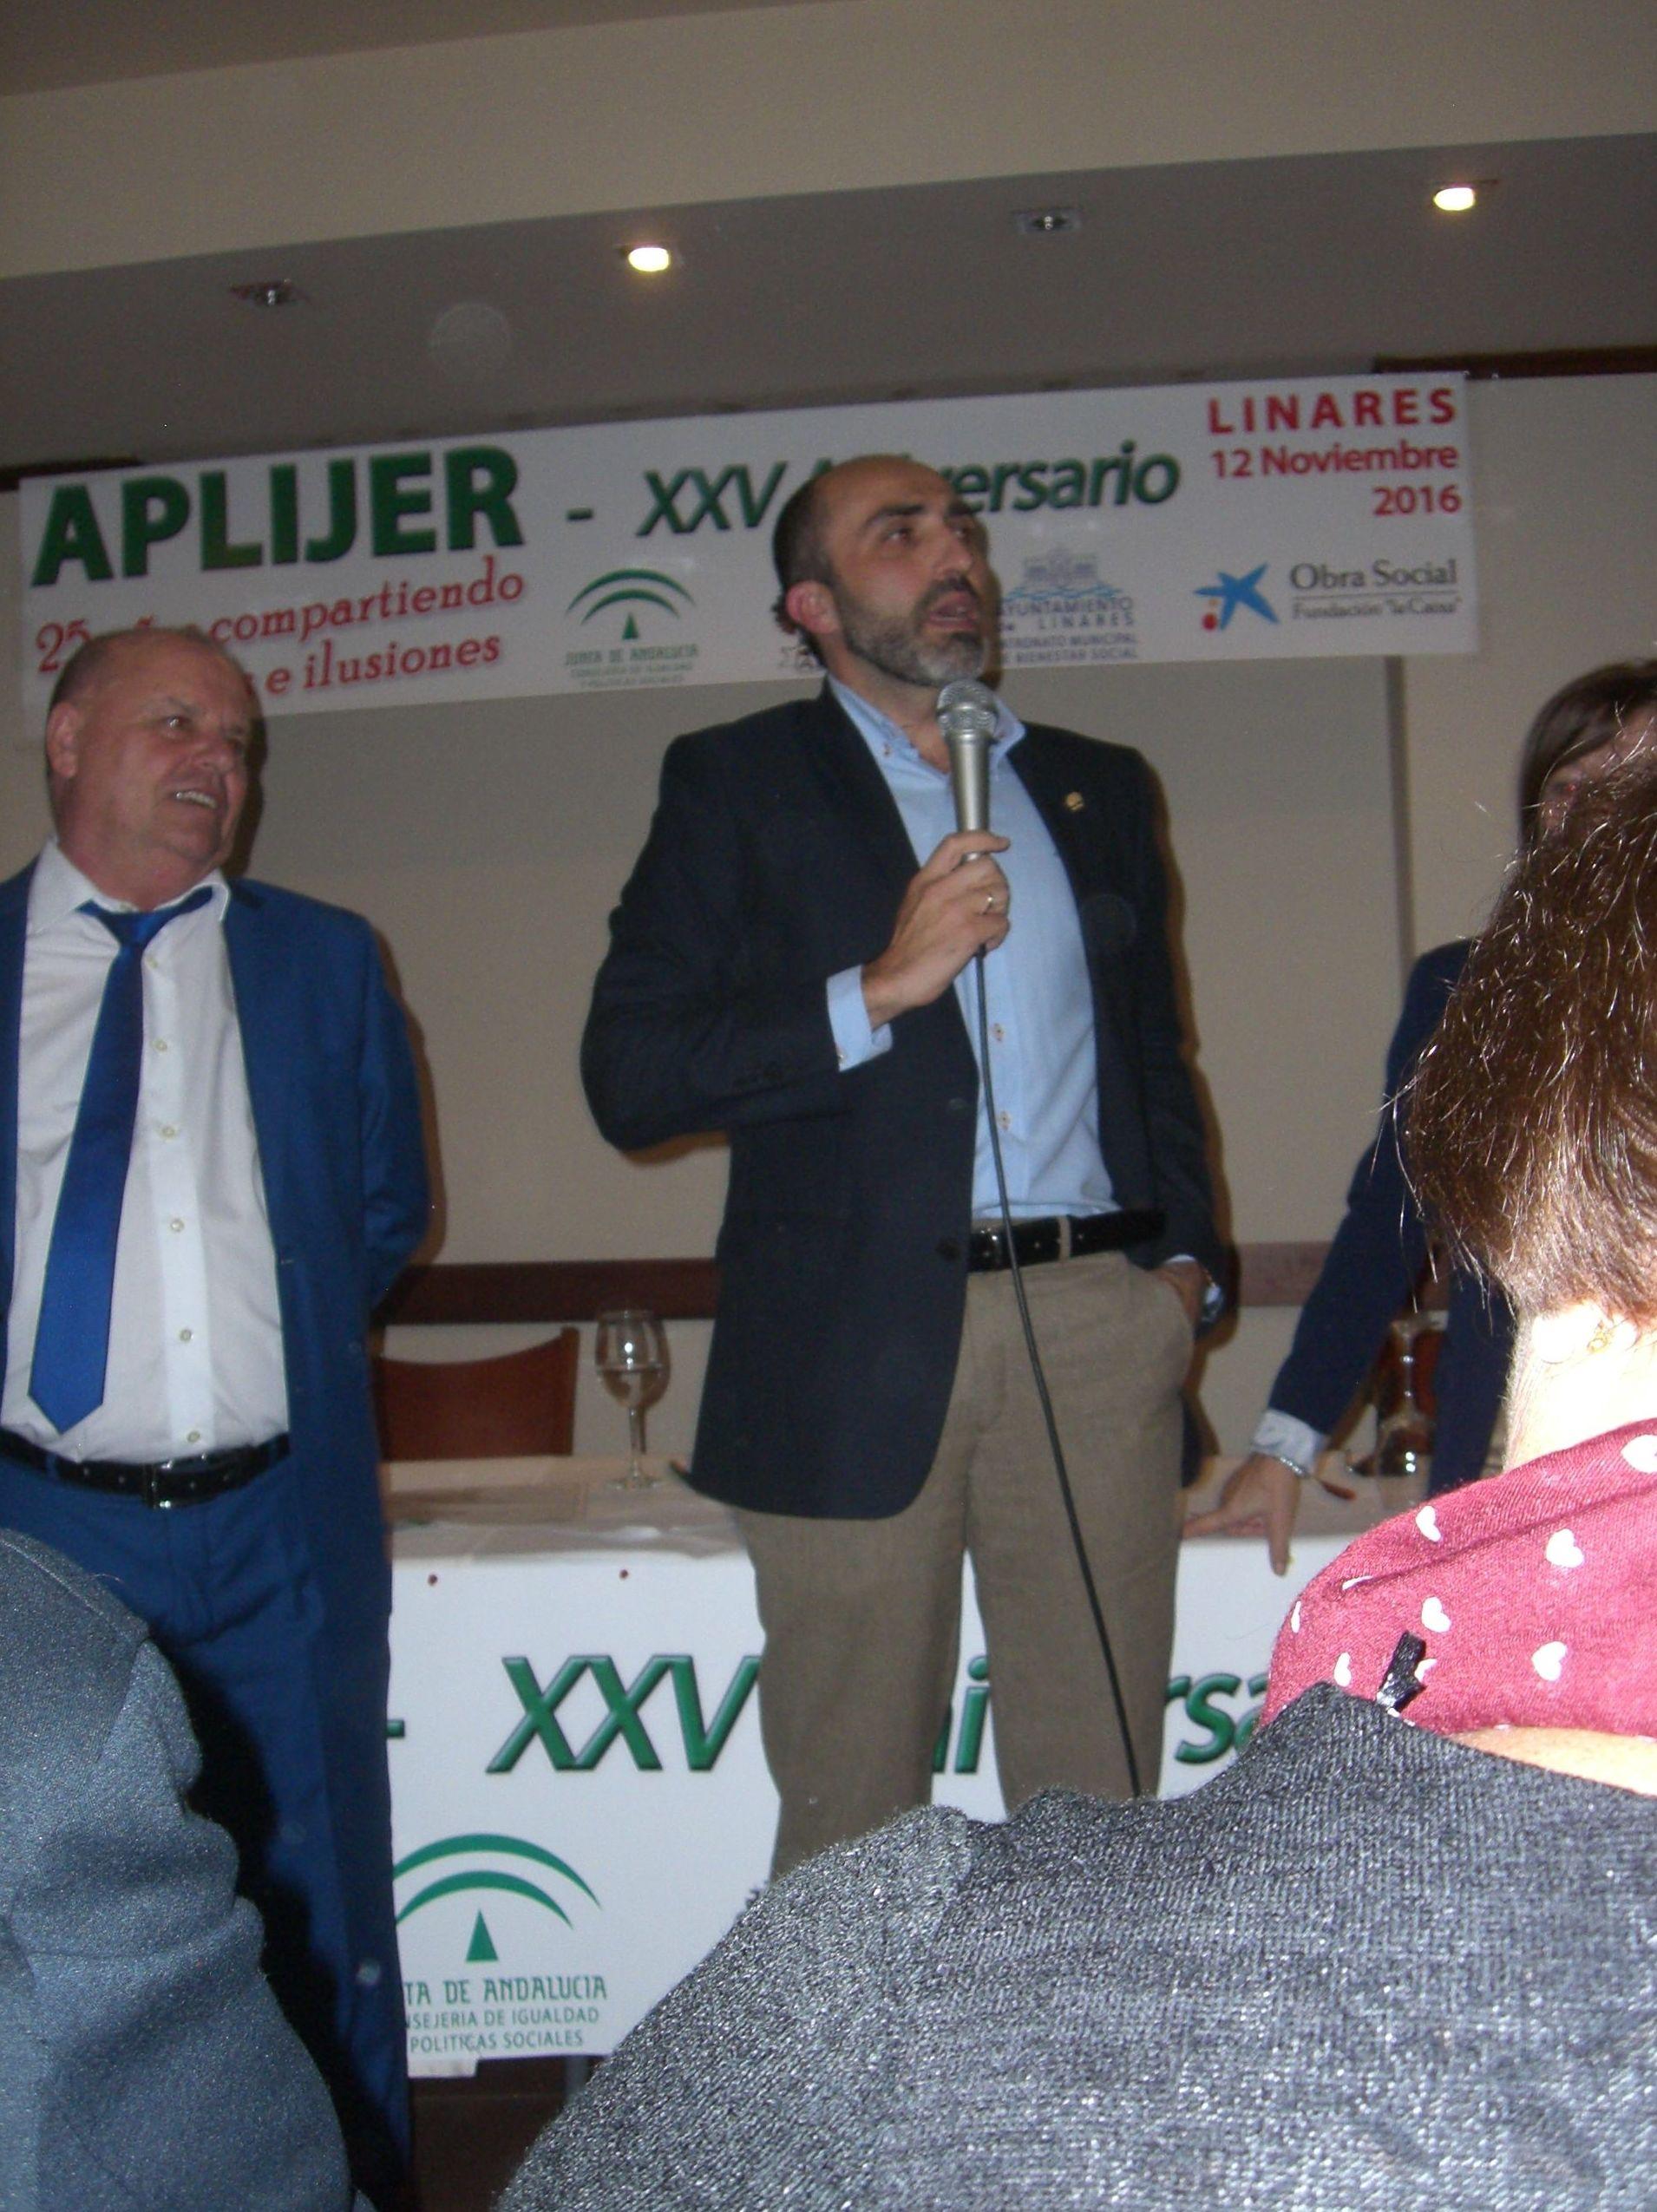 Año 2016 Reconocimiento al Psicologo de APLIJER en su XXV Aniversario